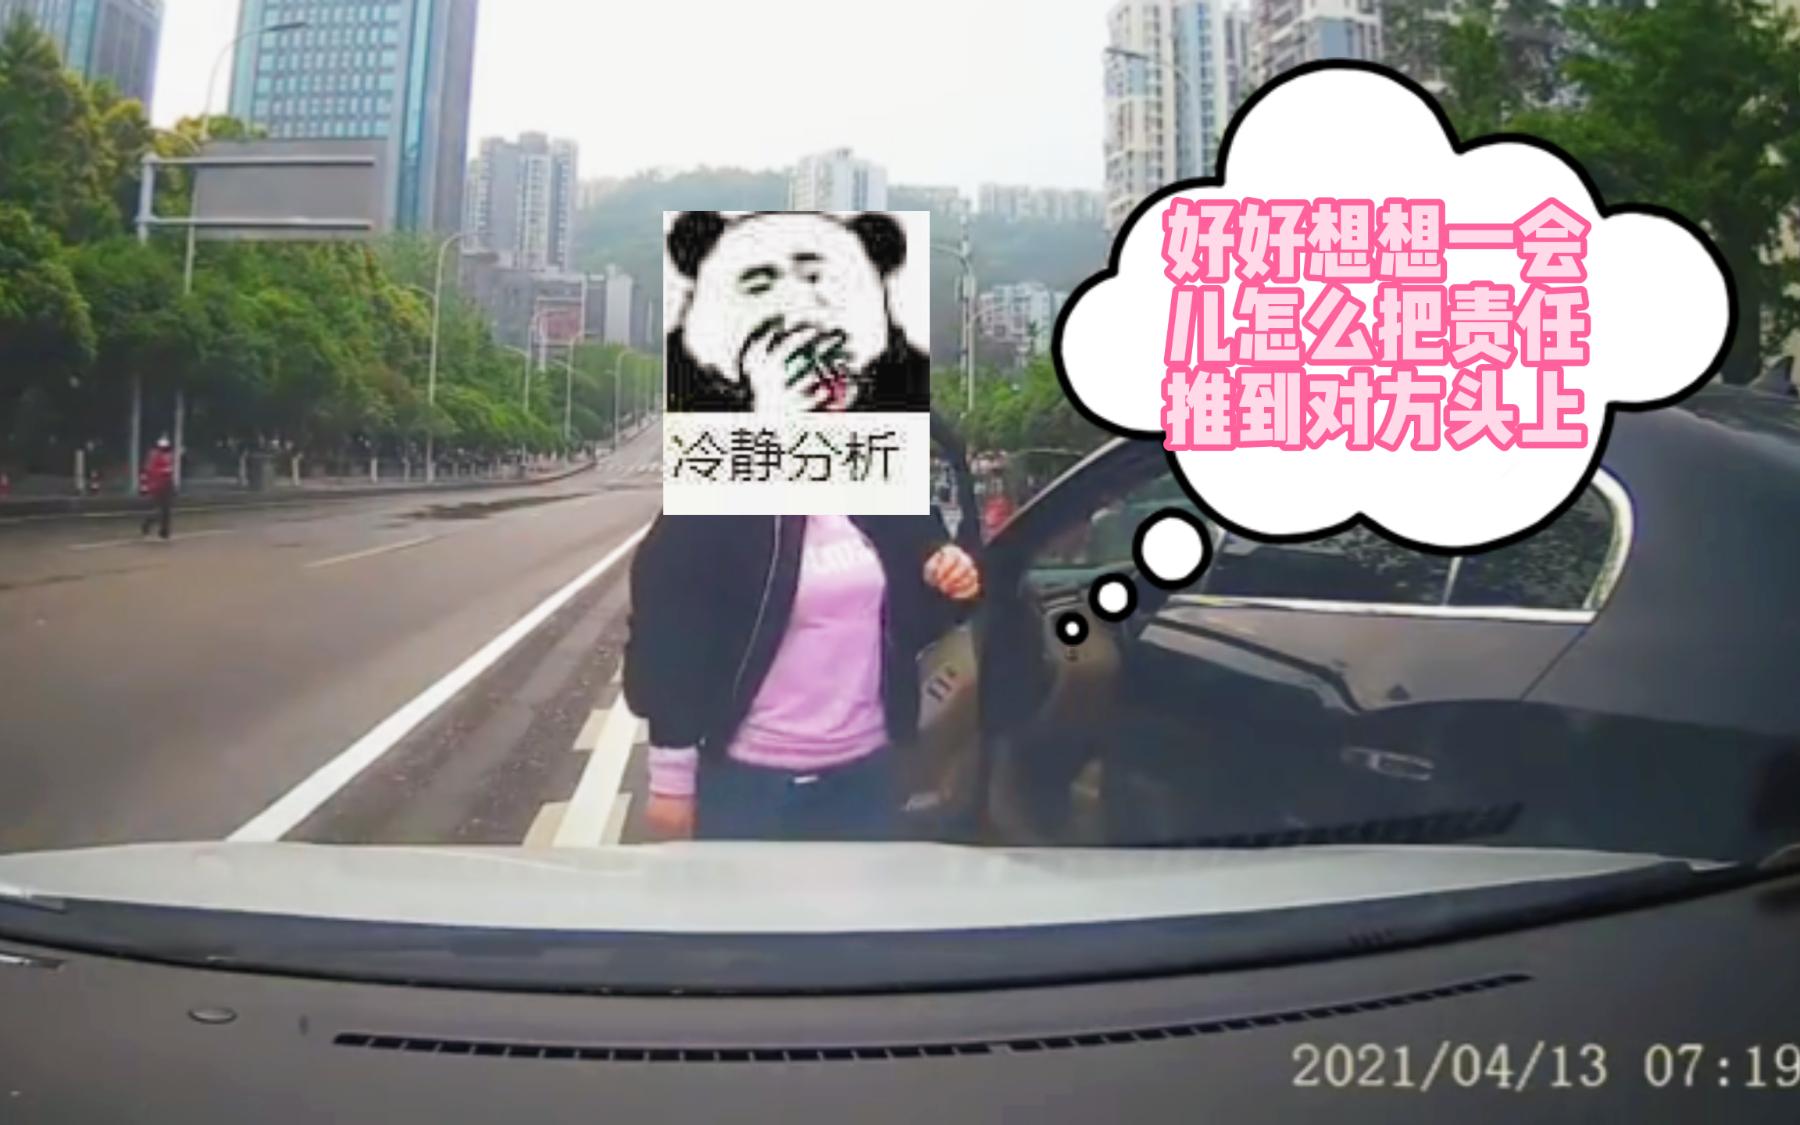 女司机高能合集第57期:不就是坐15天牢嘛,反正我还年轻!